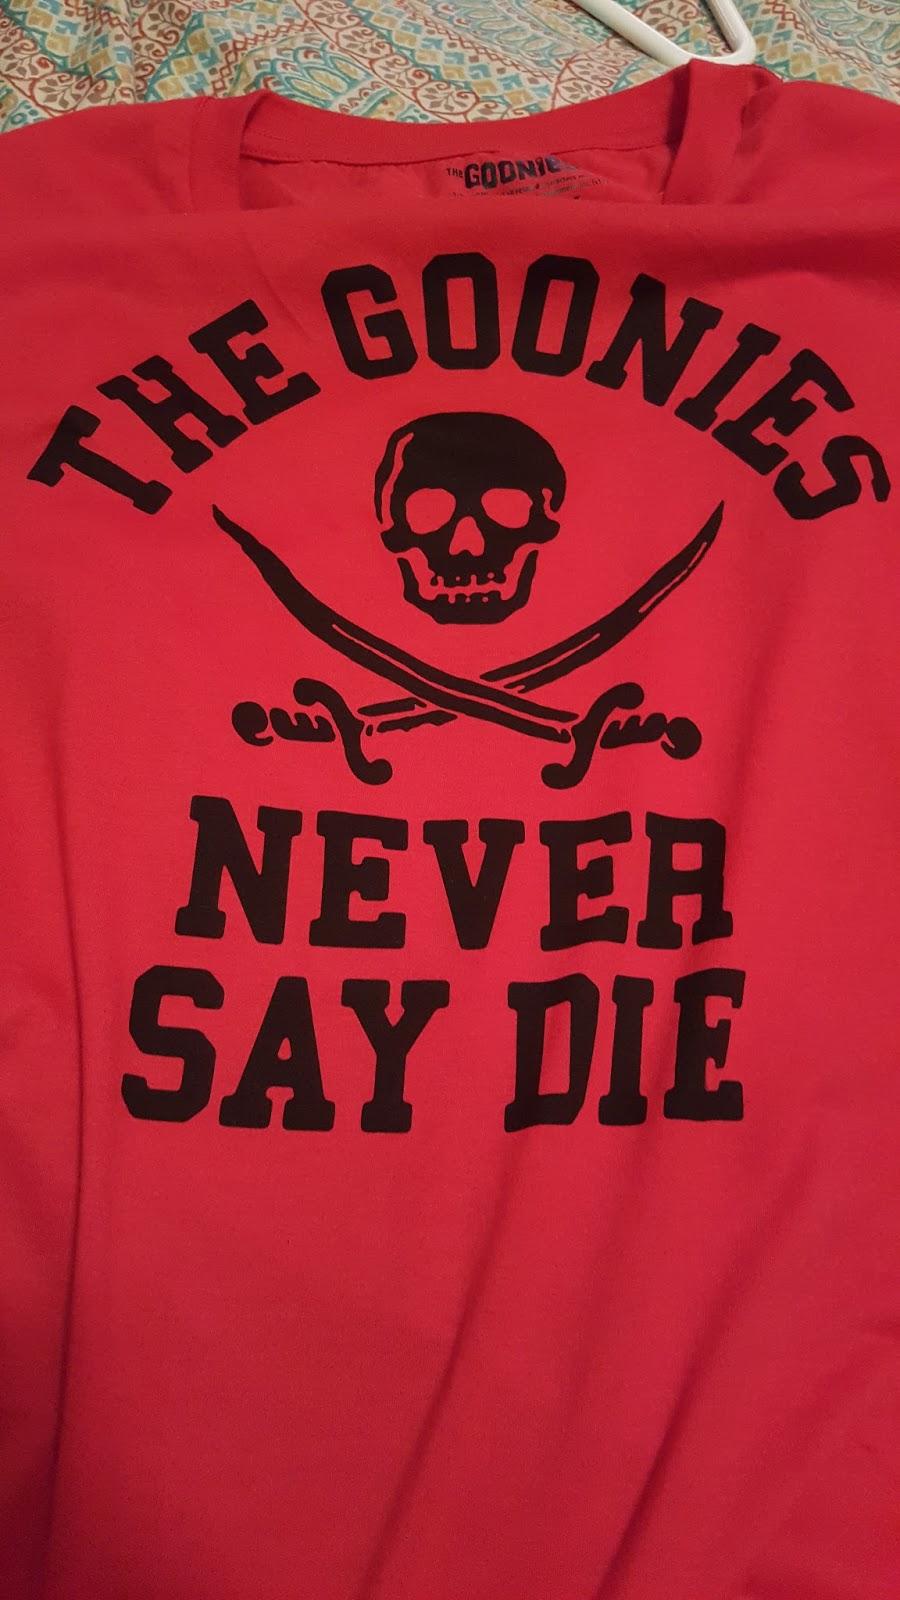 Fandads: T-Shirt Thursday!